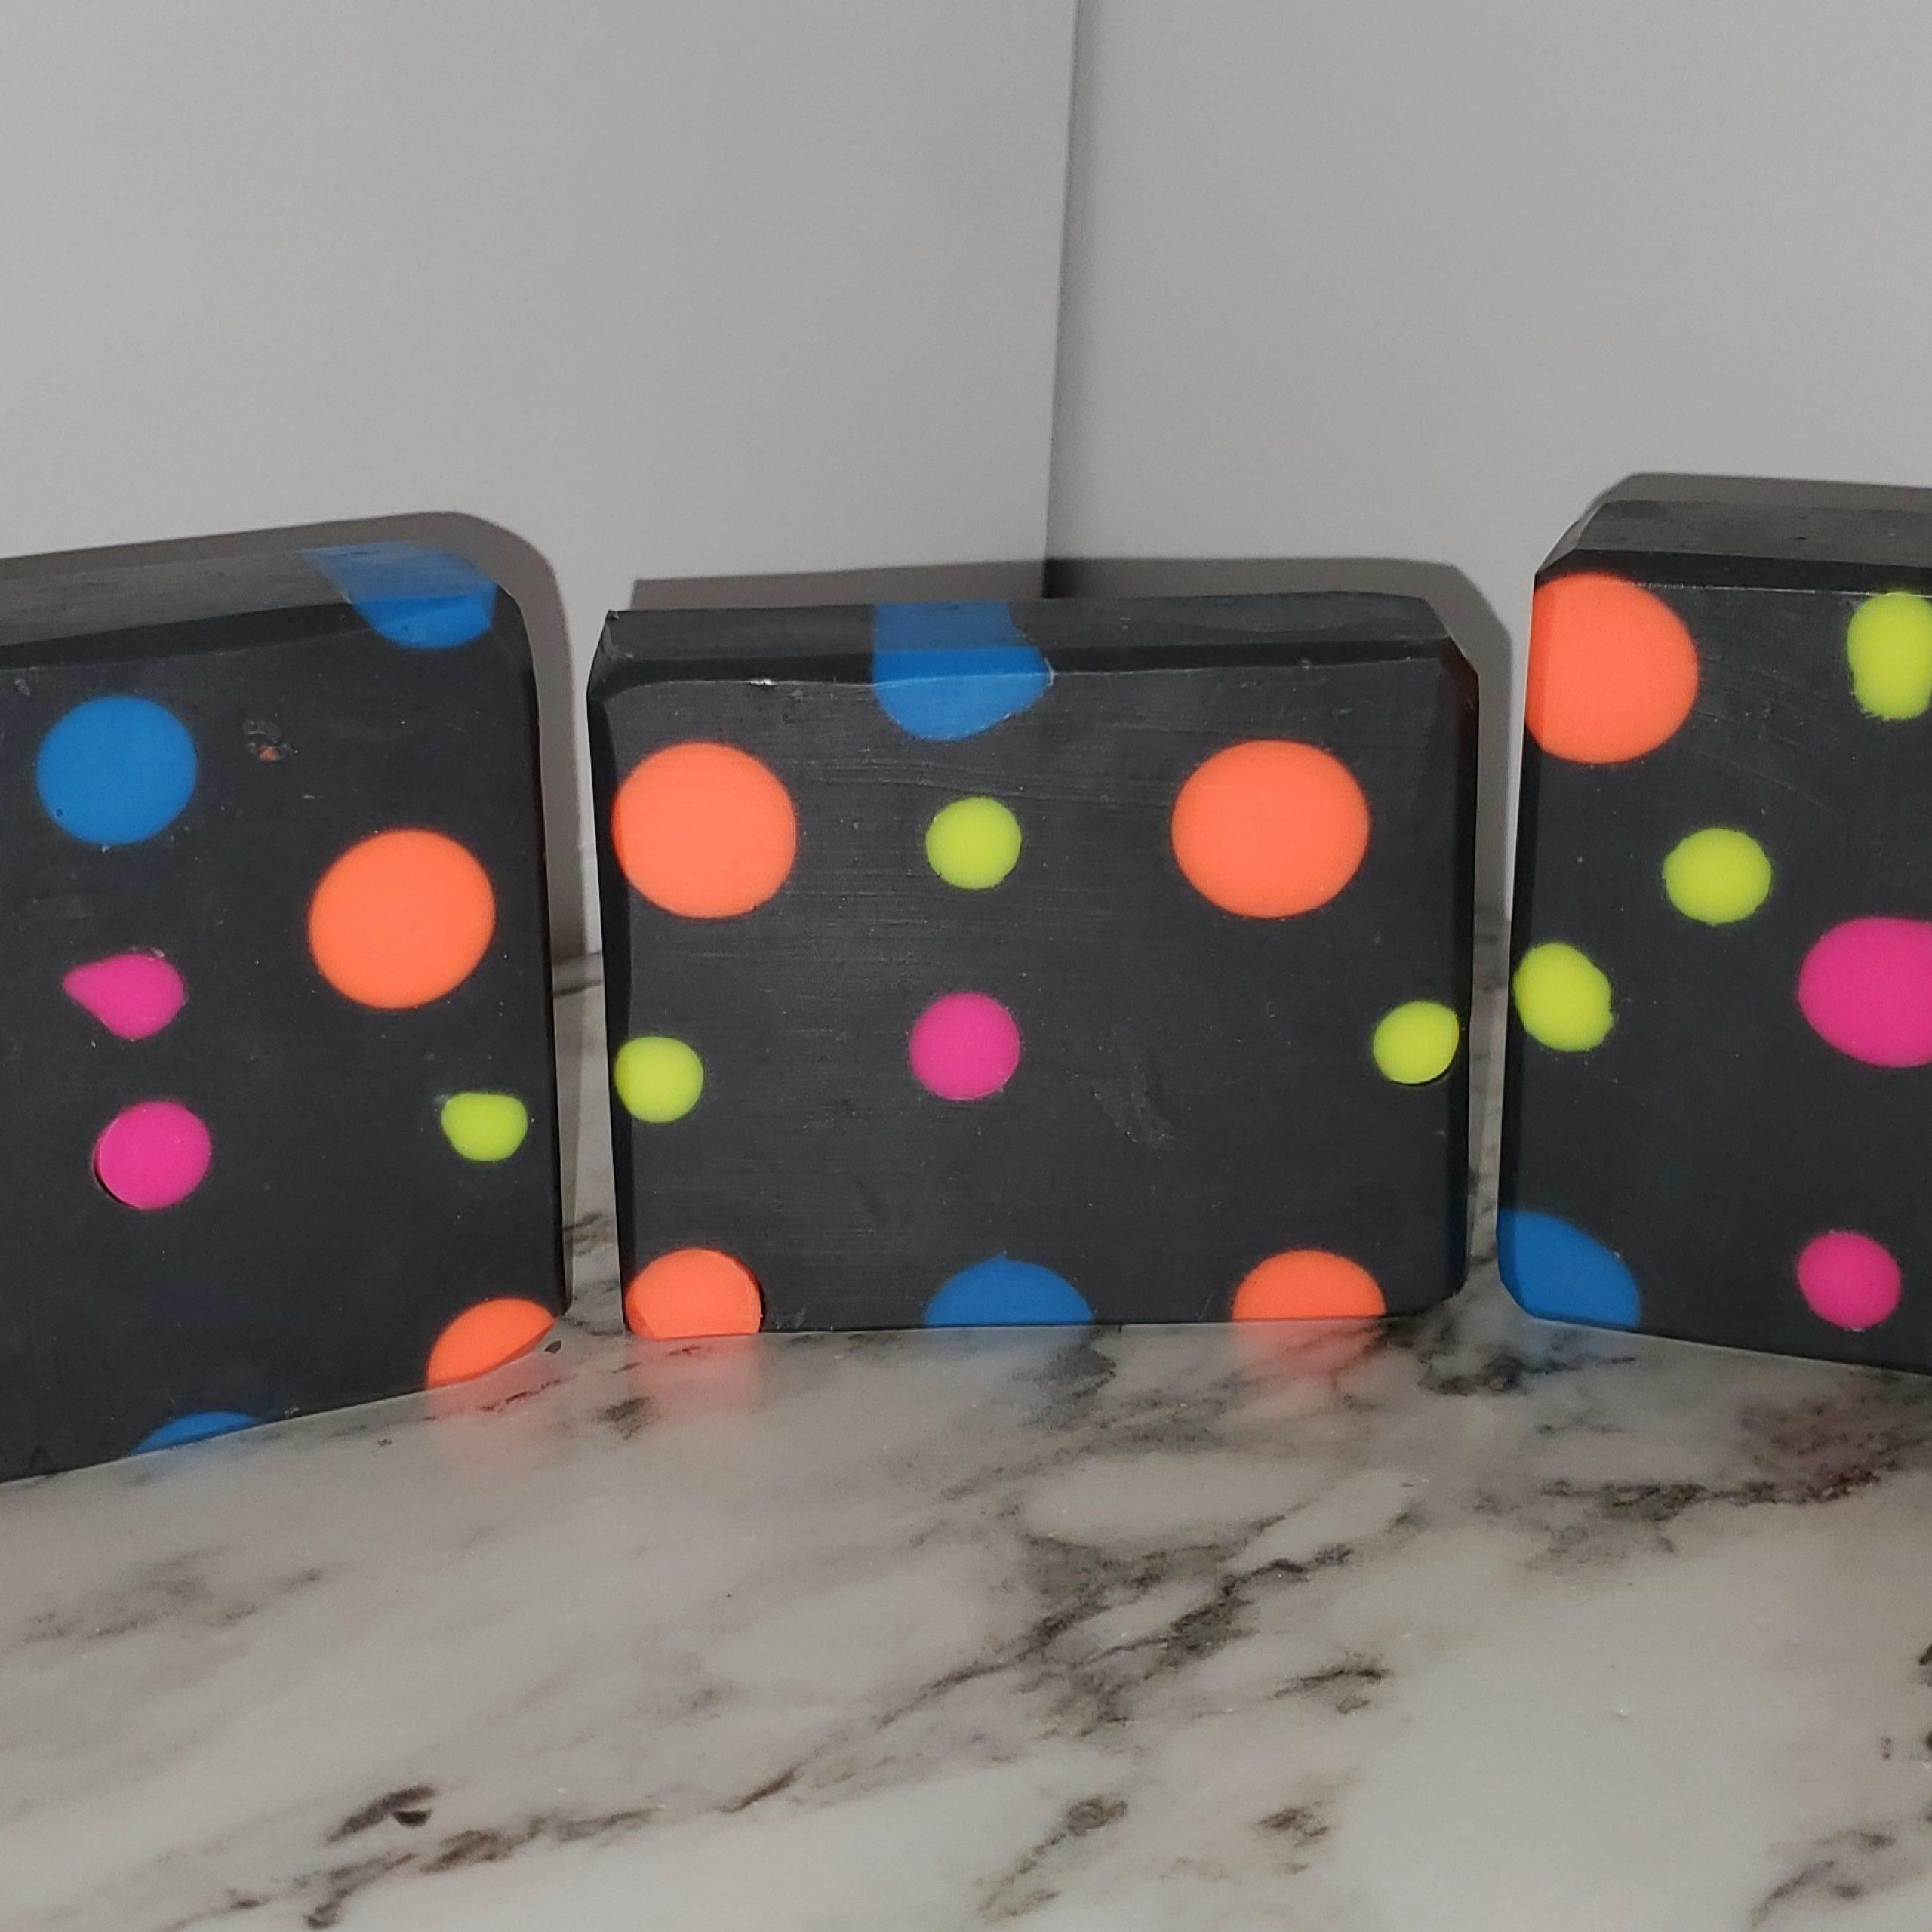 popping polka dots